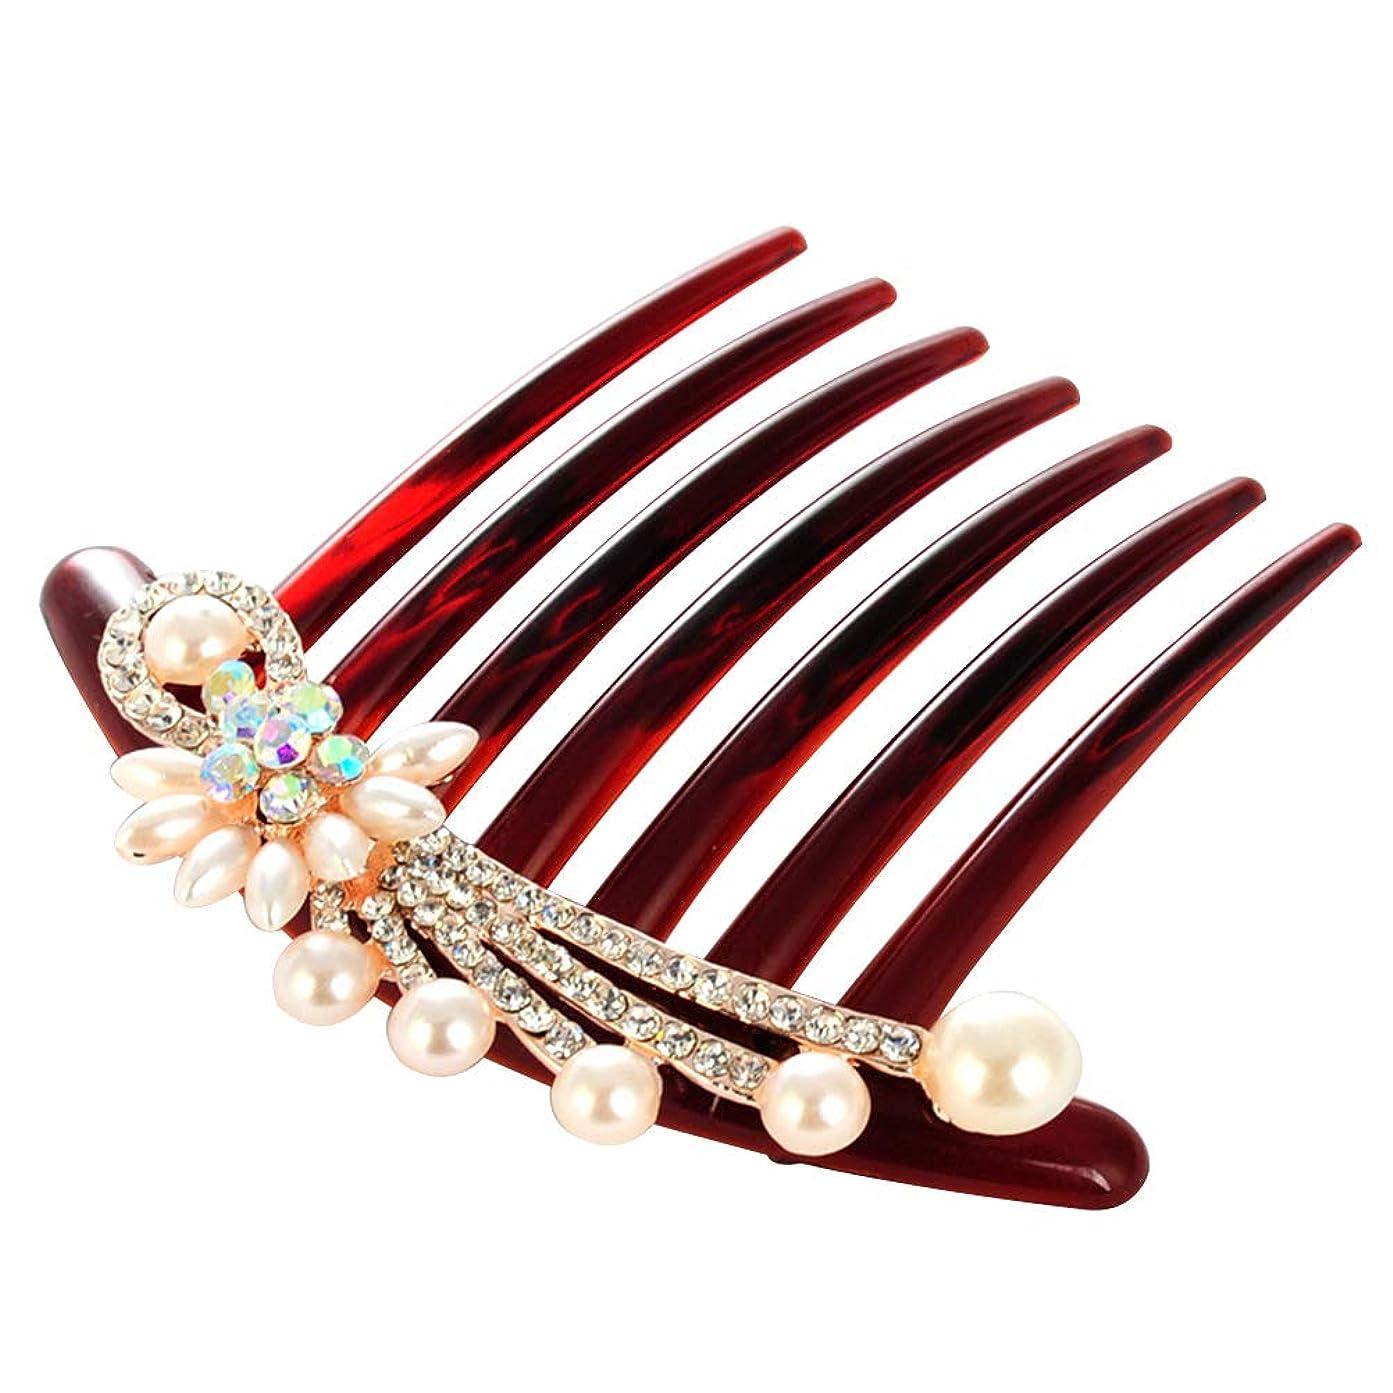 世界に死んだ潜水艦ナイトスポットLURROSE 模造真珠の髪の櫛のクリスタルヘッドドレス繊細なラインストーンの花嫁のヘアアクセサリー(花)